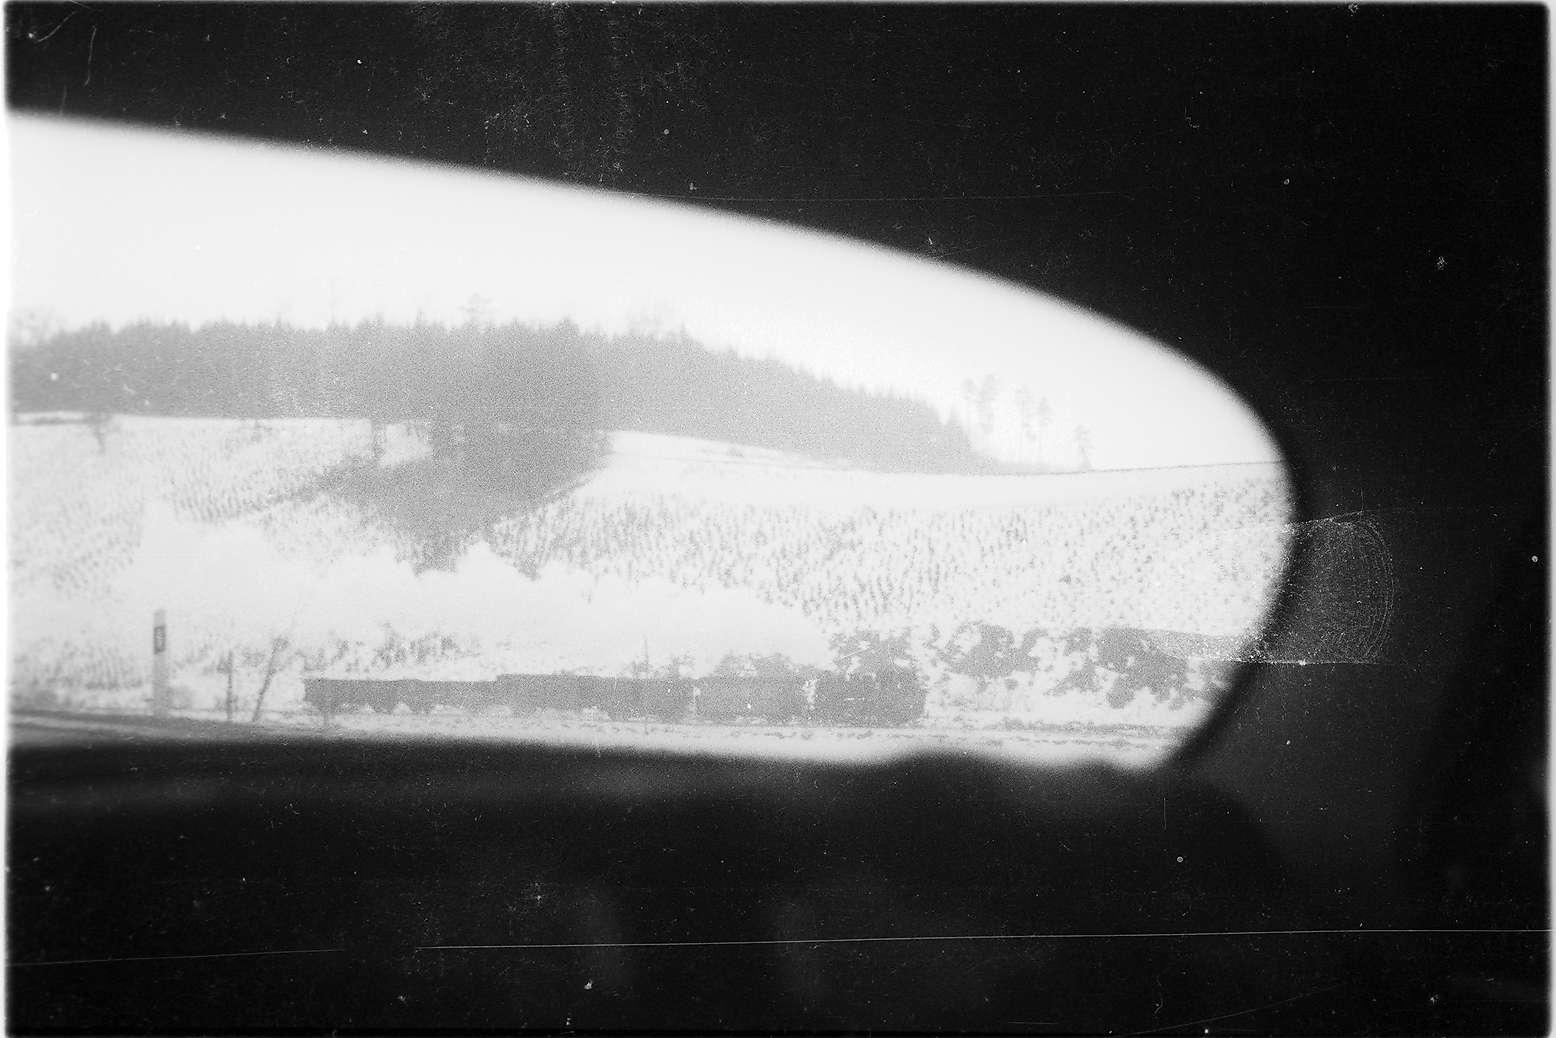 Lok 141 bei Trochtelfingen, Blick aus einem Auto, Bild 1